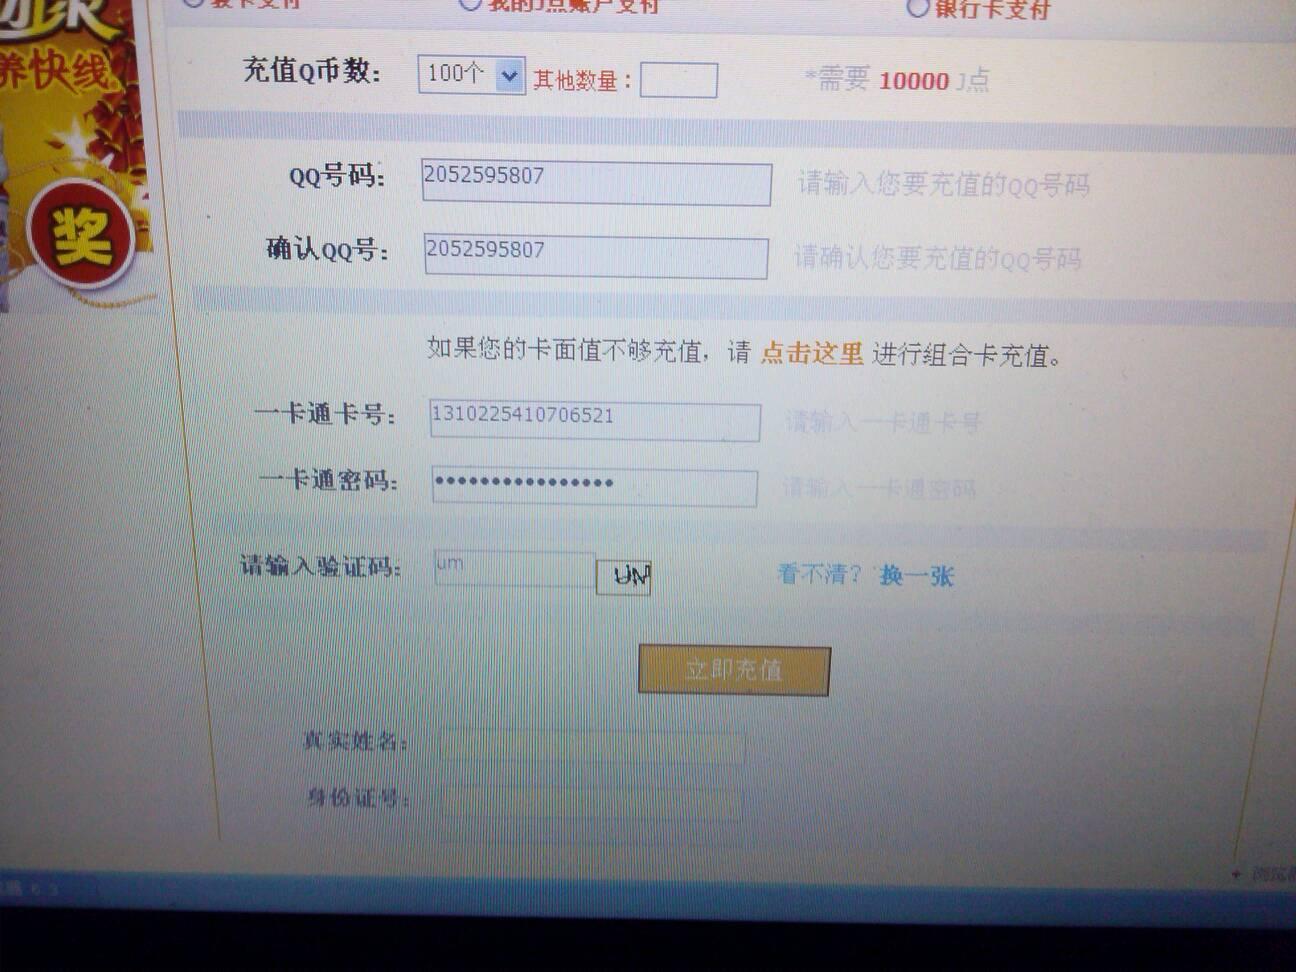 楼主可以打开骏卡充值网http://www.jcard.